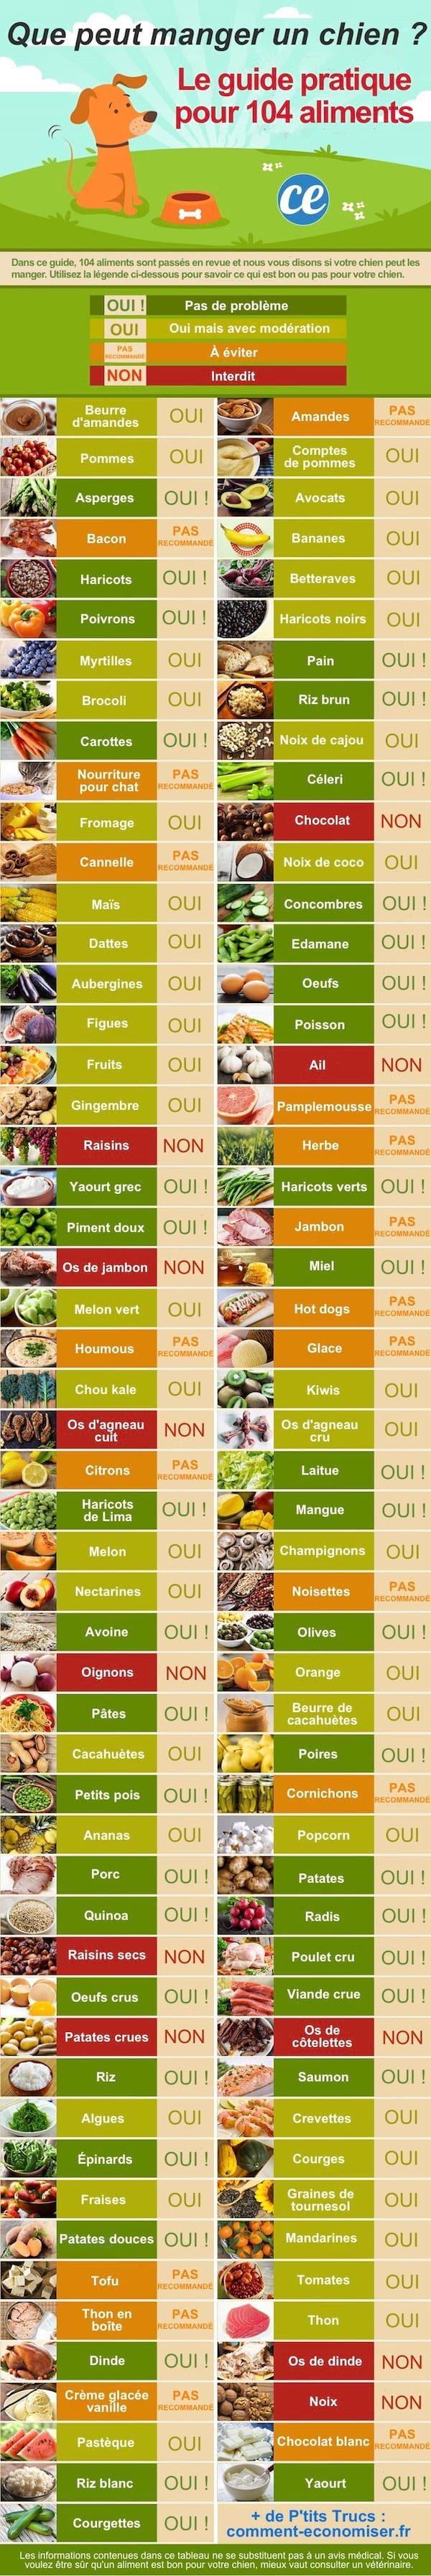 Quels Sont les Aliments Que Peut Manger un Chien ? Le Guide Pratique Pour de 100 Aliments.